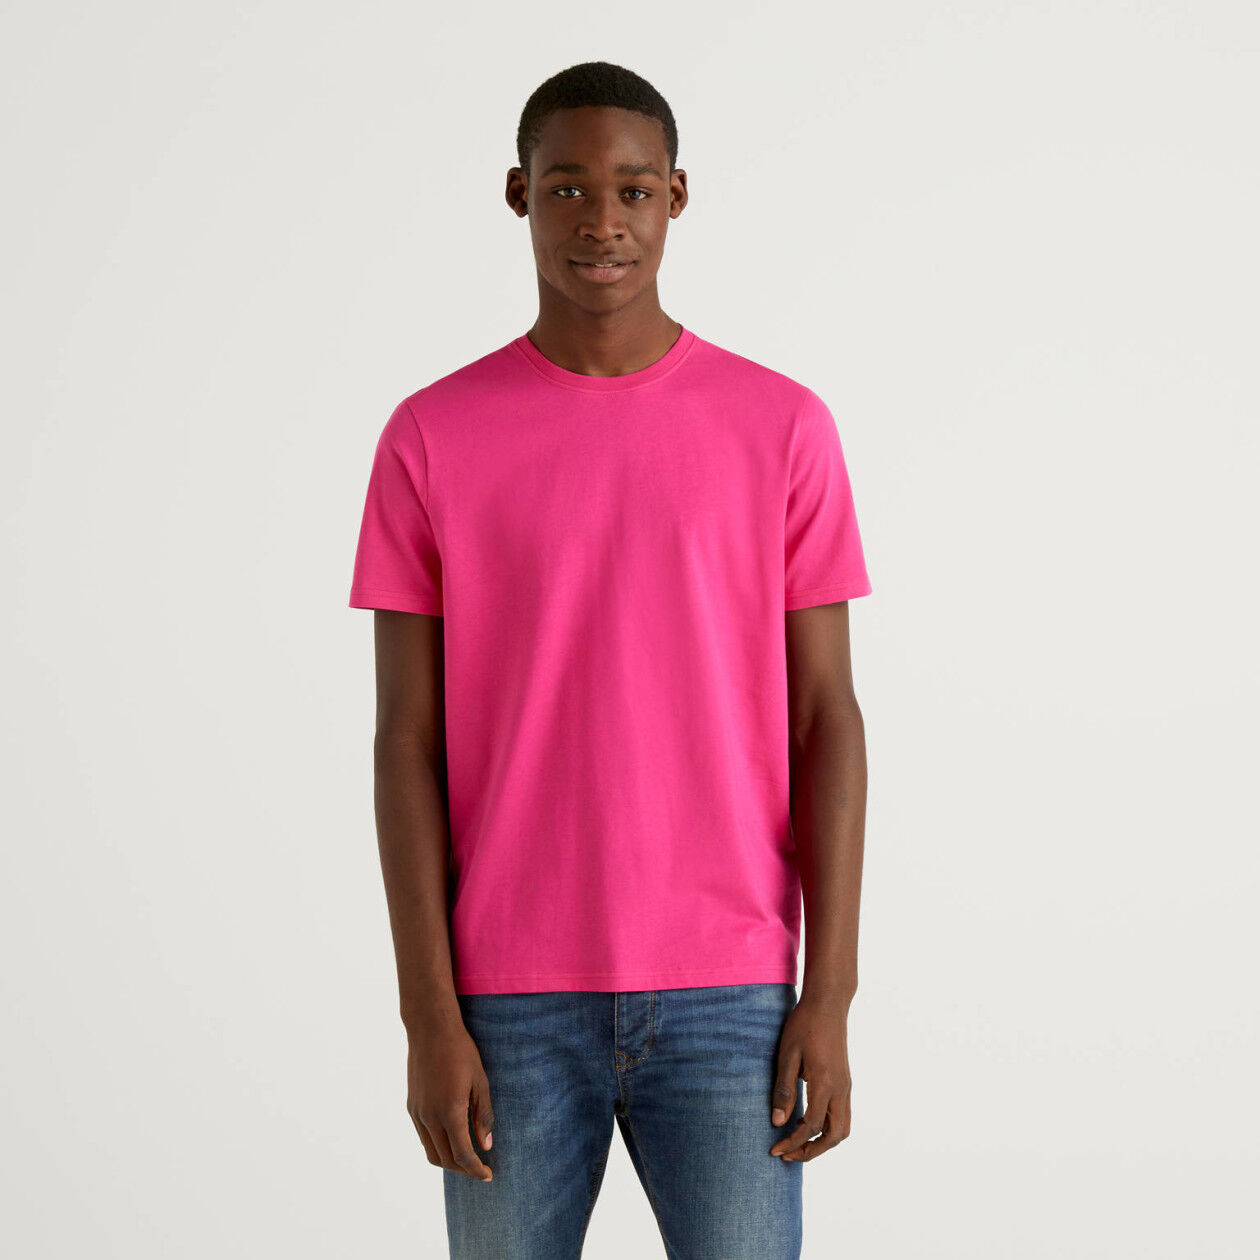 T-shirt fuchsia en pur coton